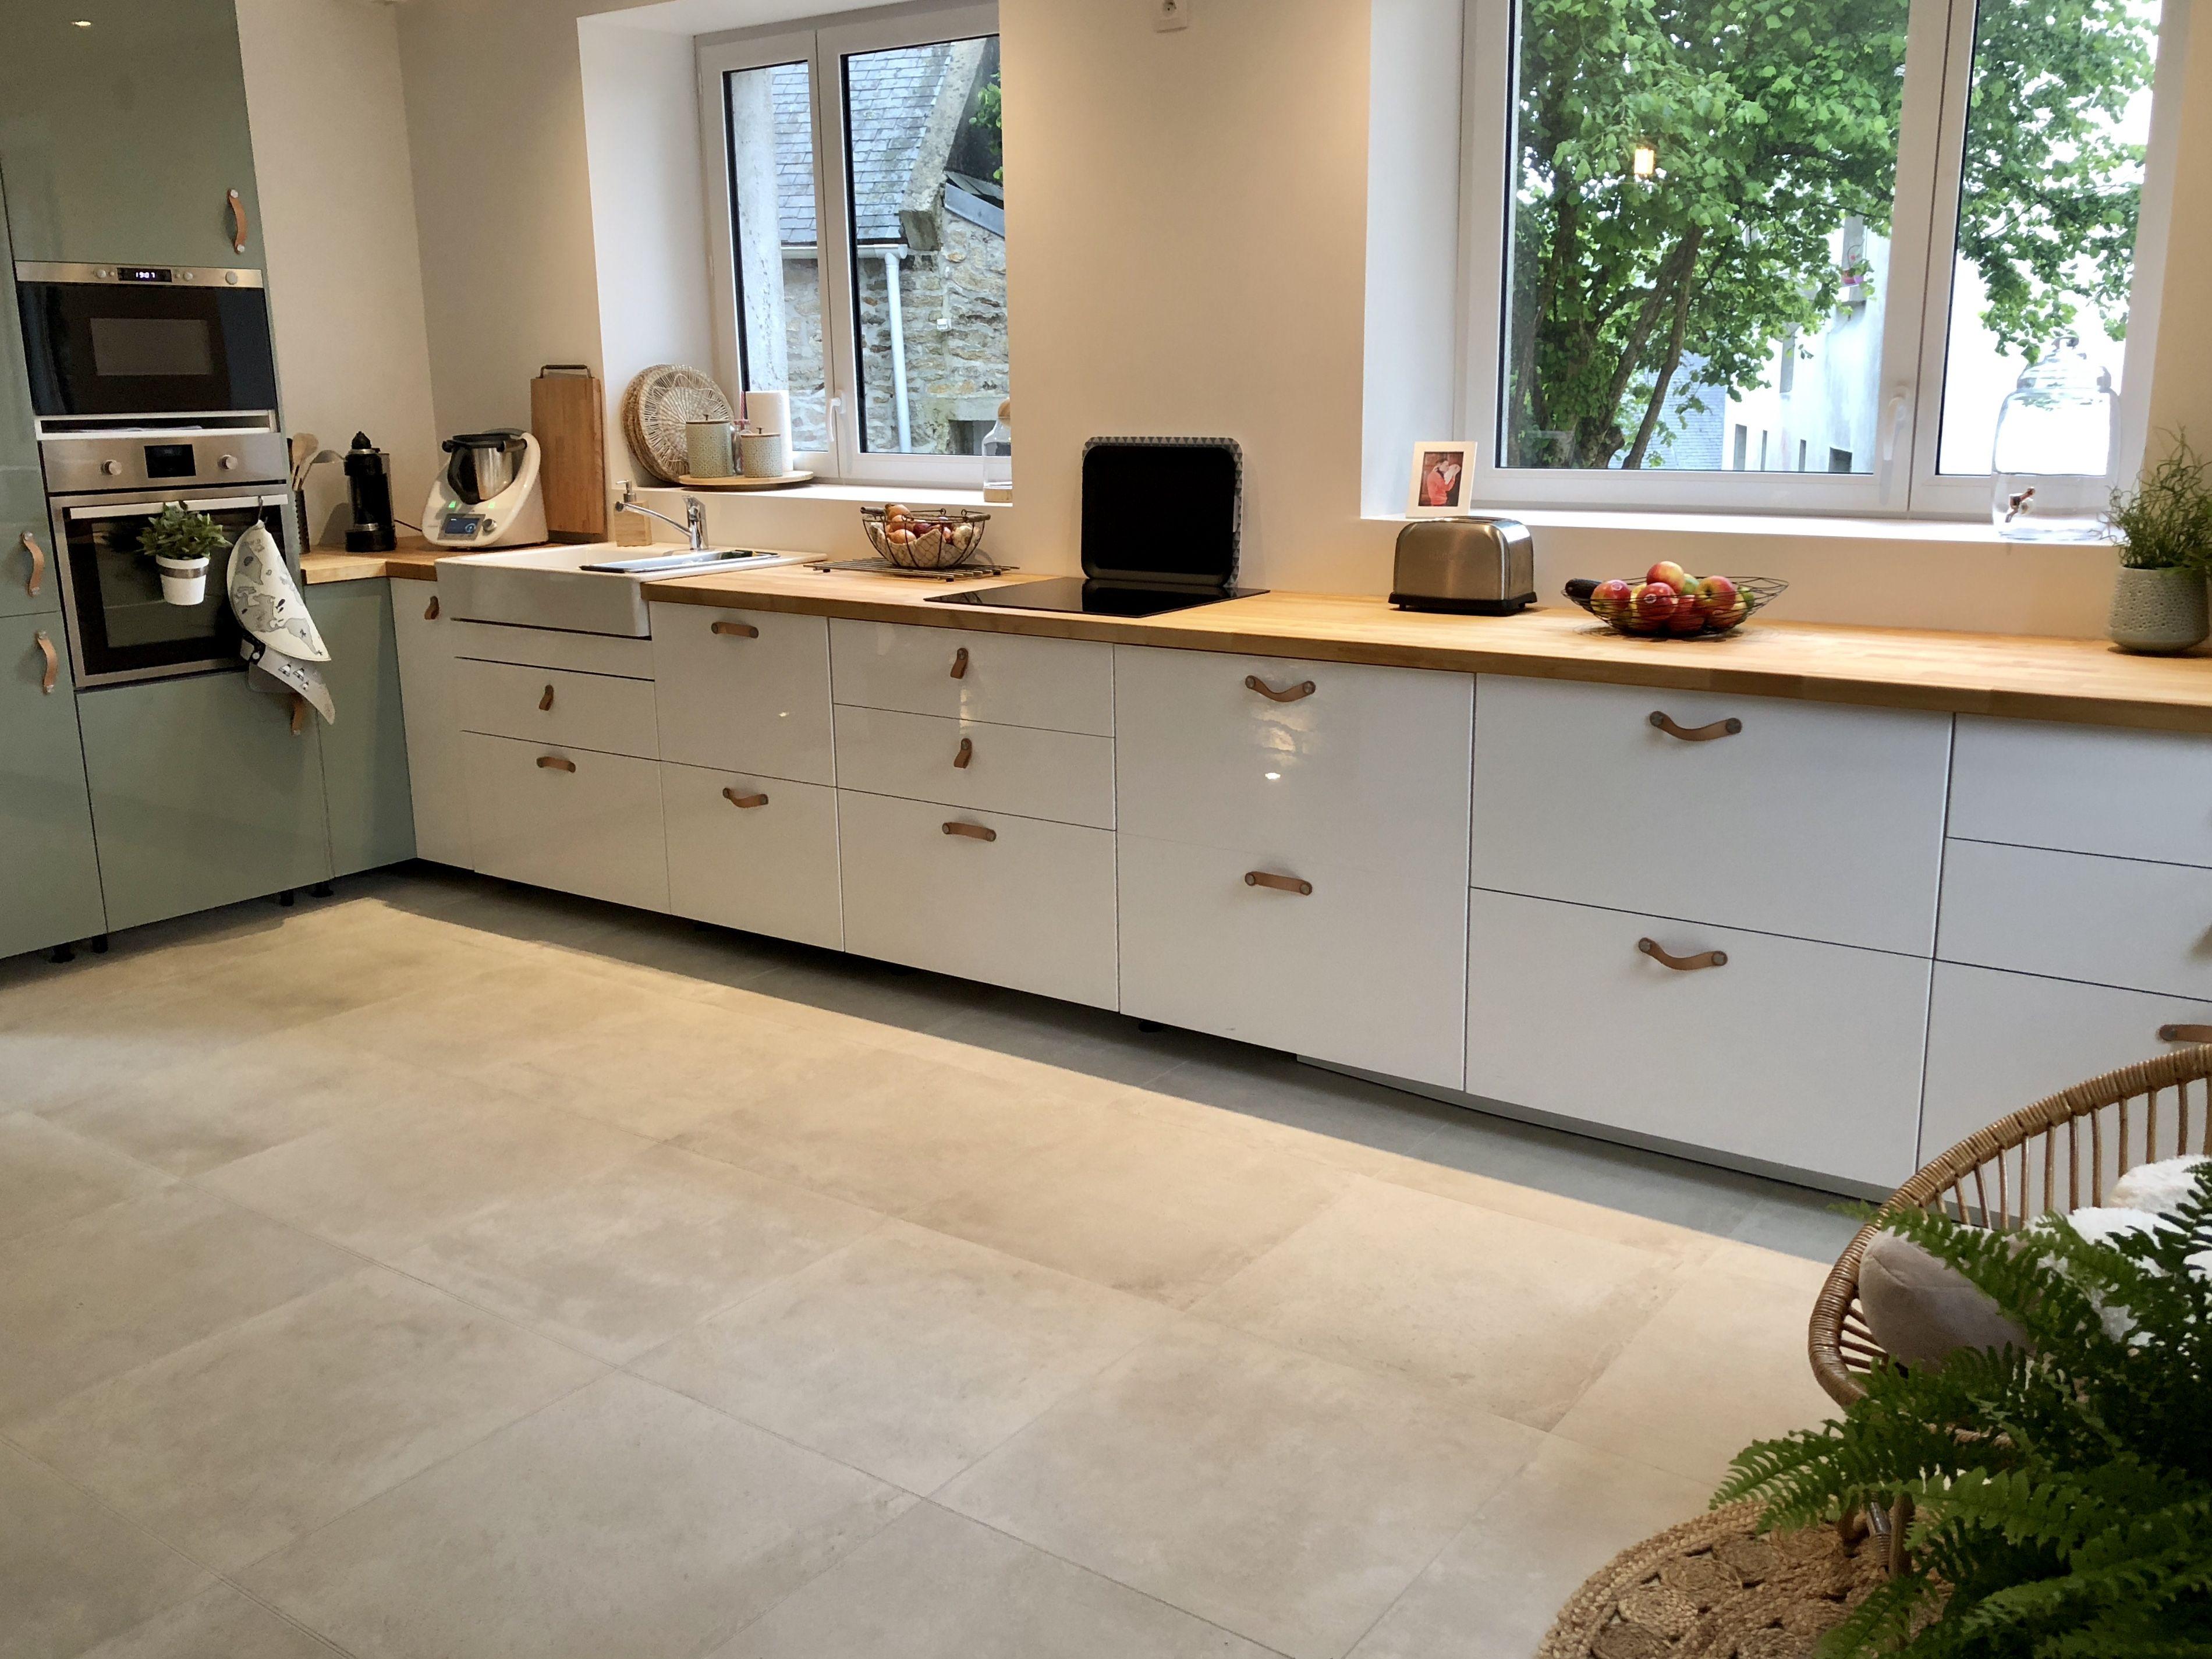 Cuisine ikea en l meubles bas blanc laqu s et colonnes - Ikea meuble cuisine ...